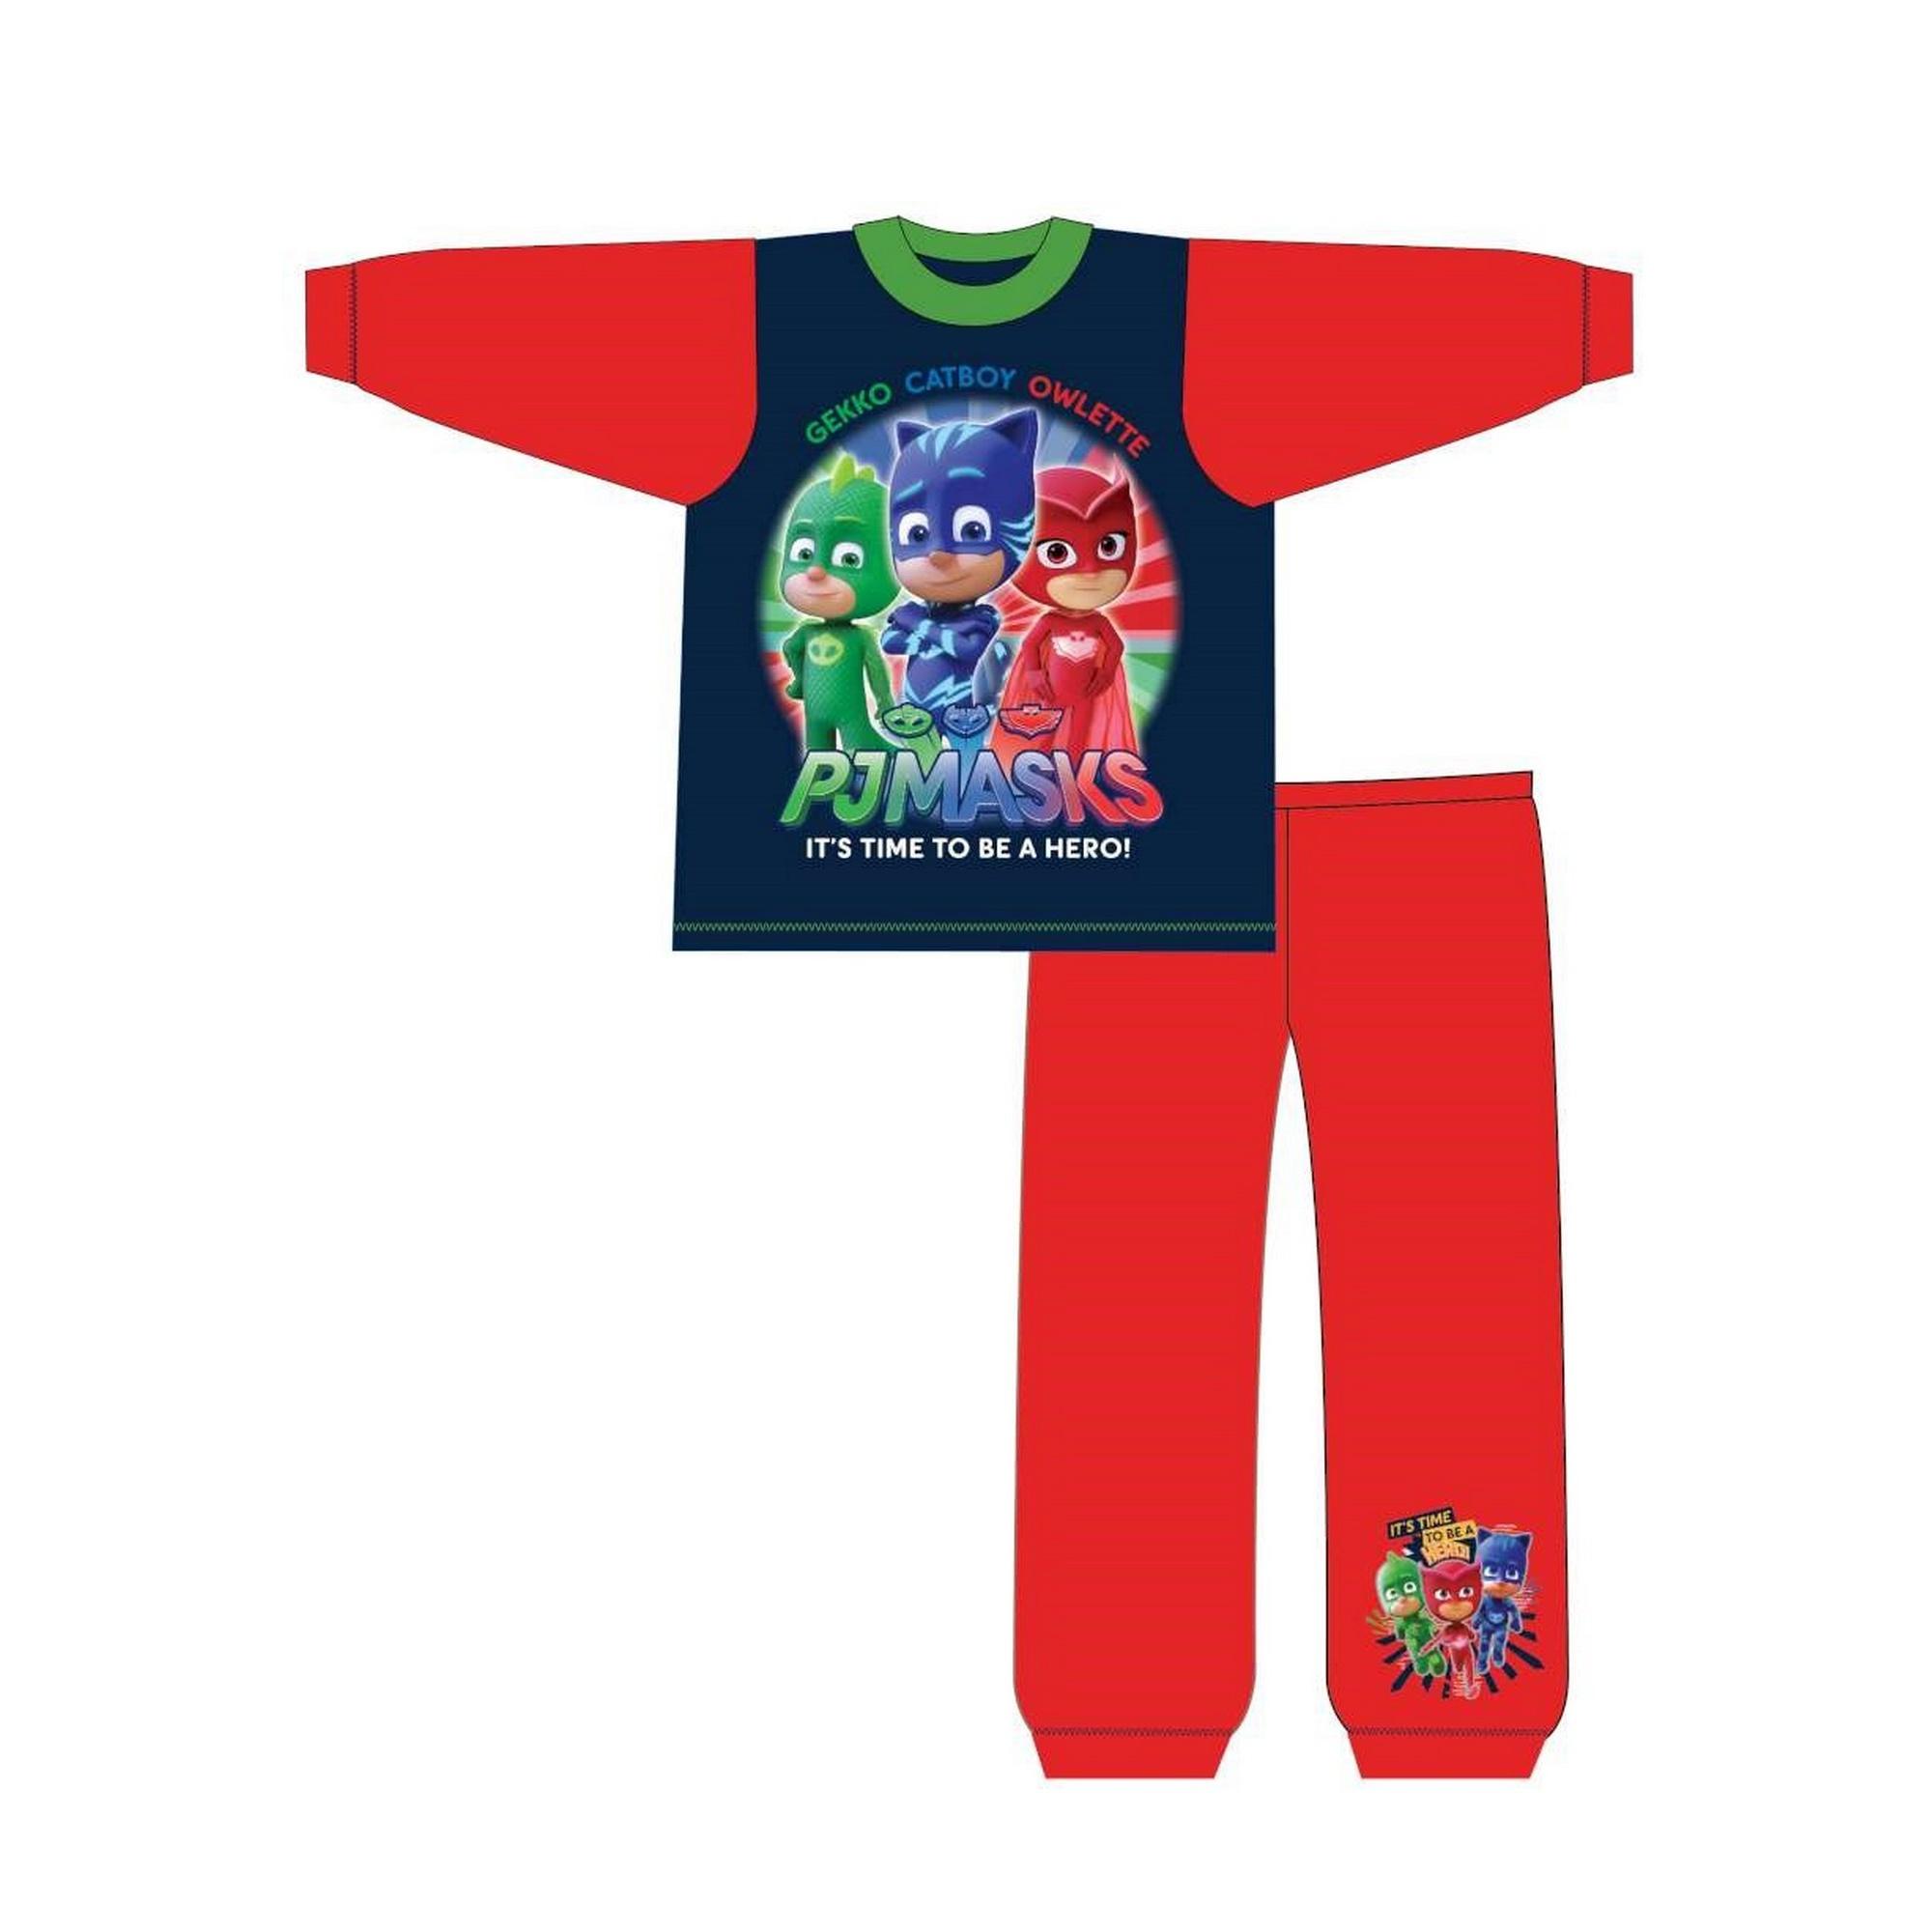 PJ-Masks-Pijama-infantil-con-manga-laga-de-PJ-Masks-con-texto-Time-To-TF577